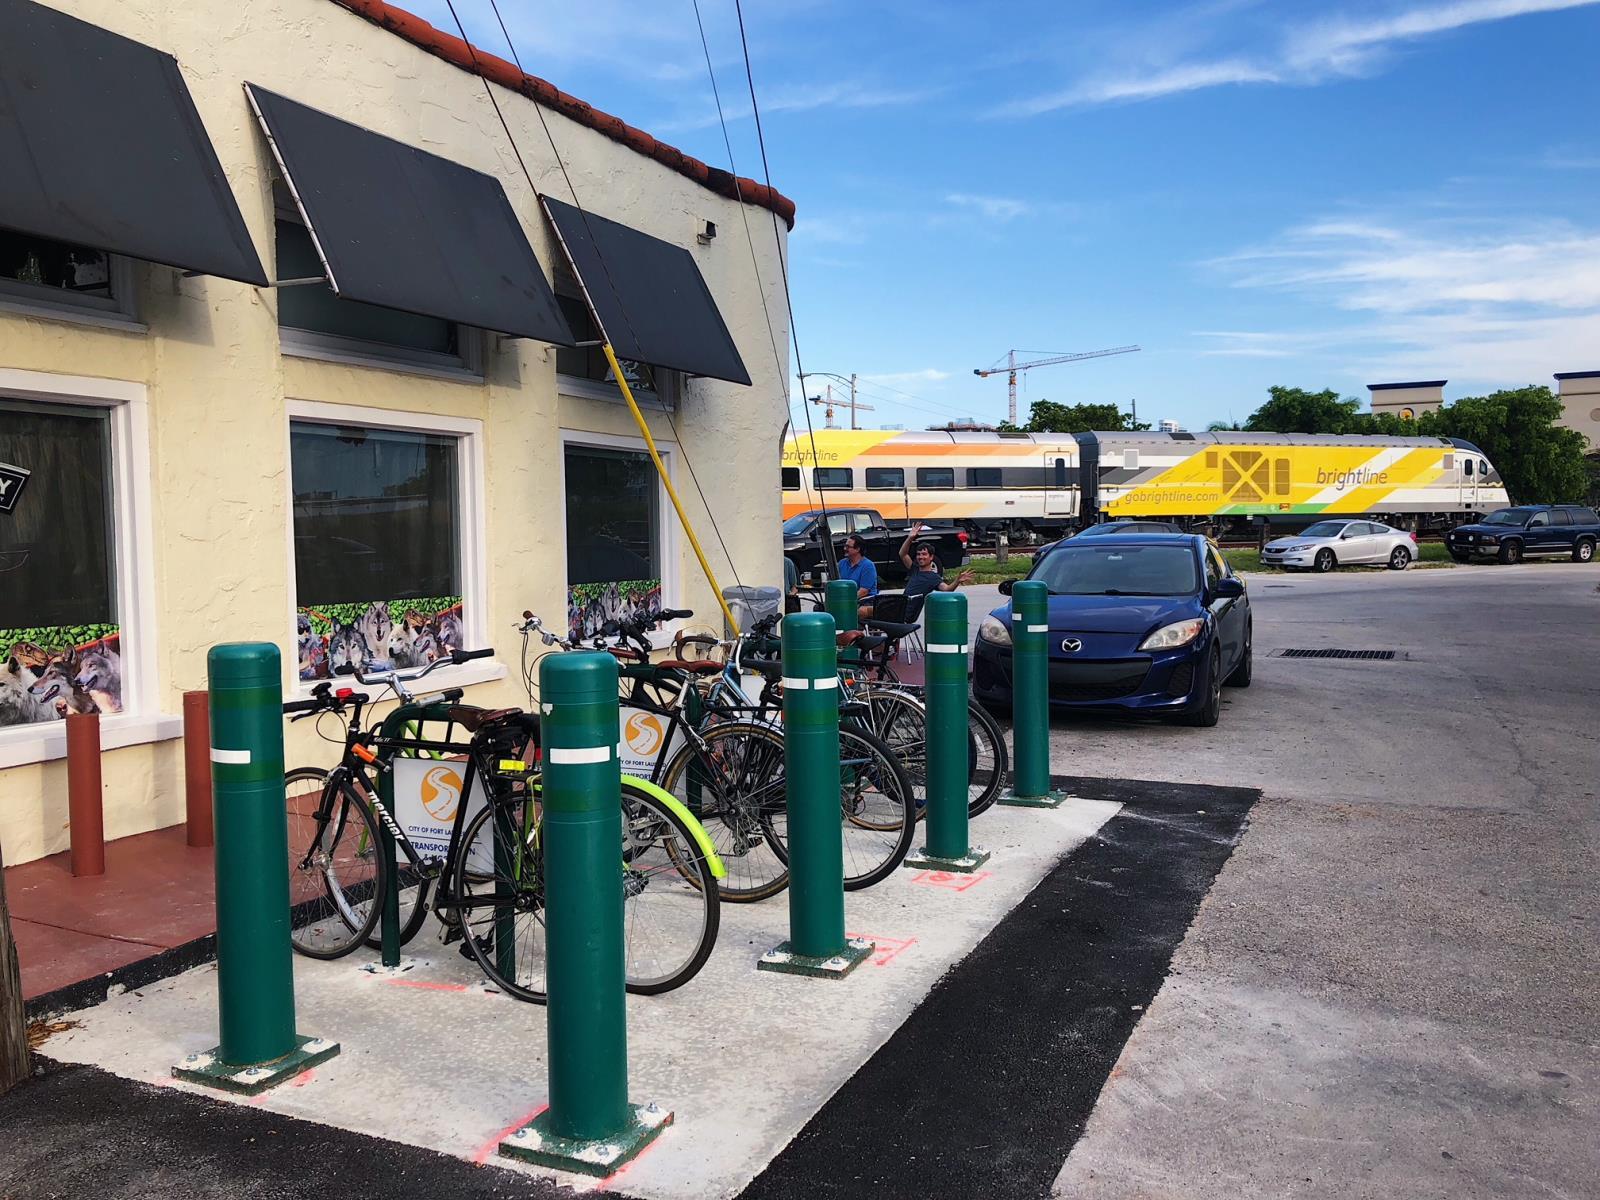 Progresso Village Bike Corral